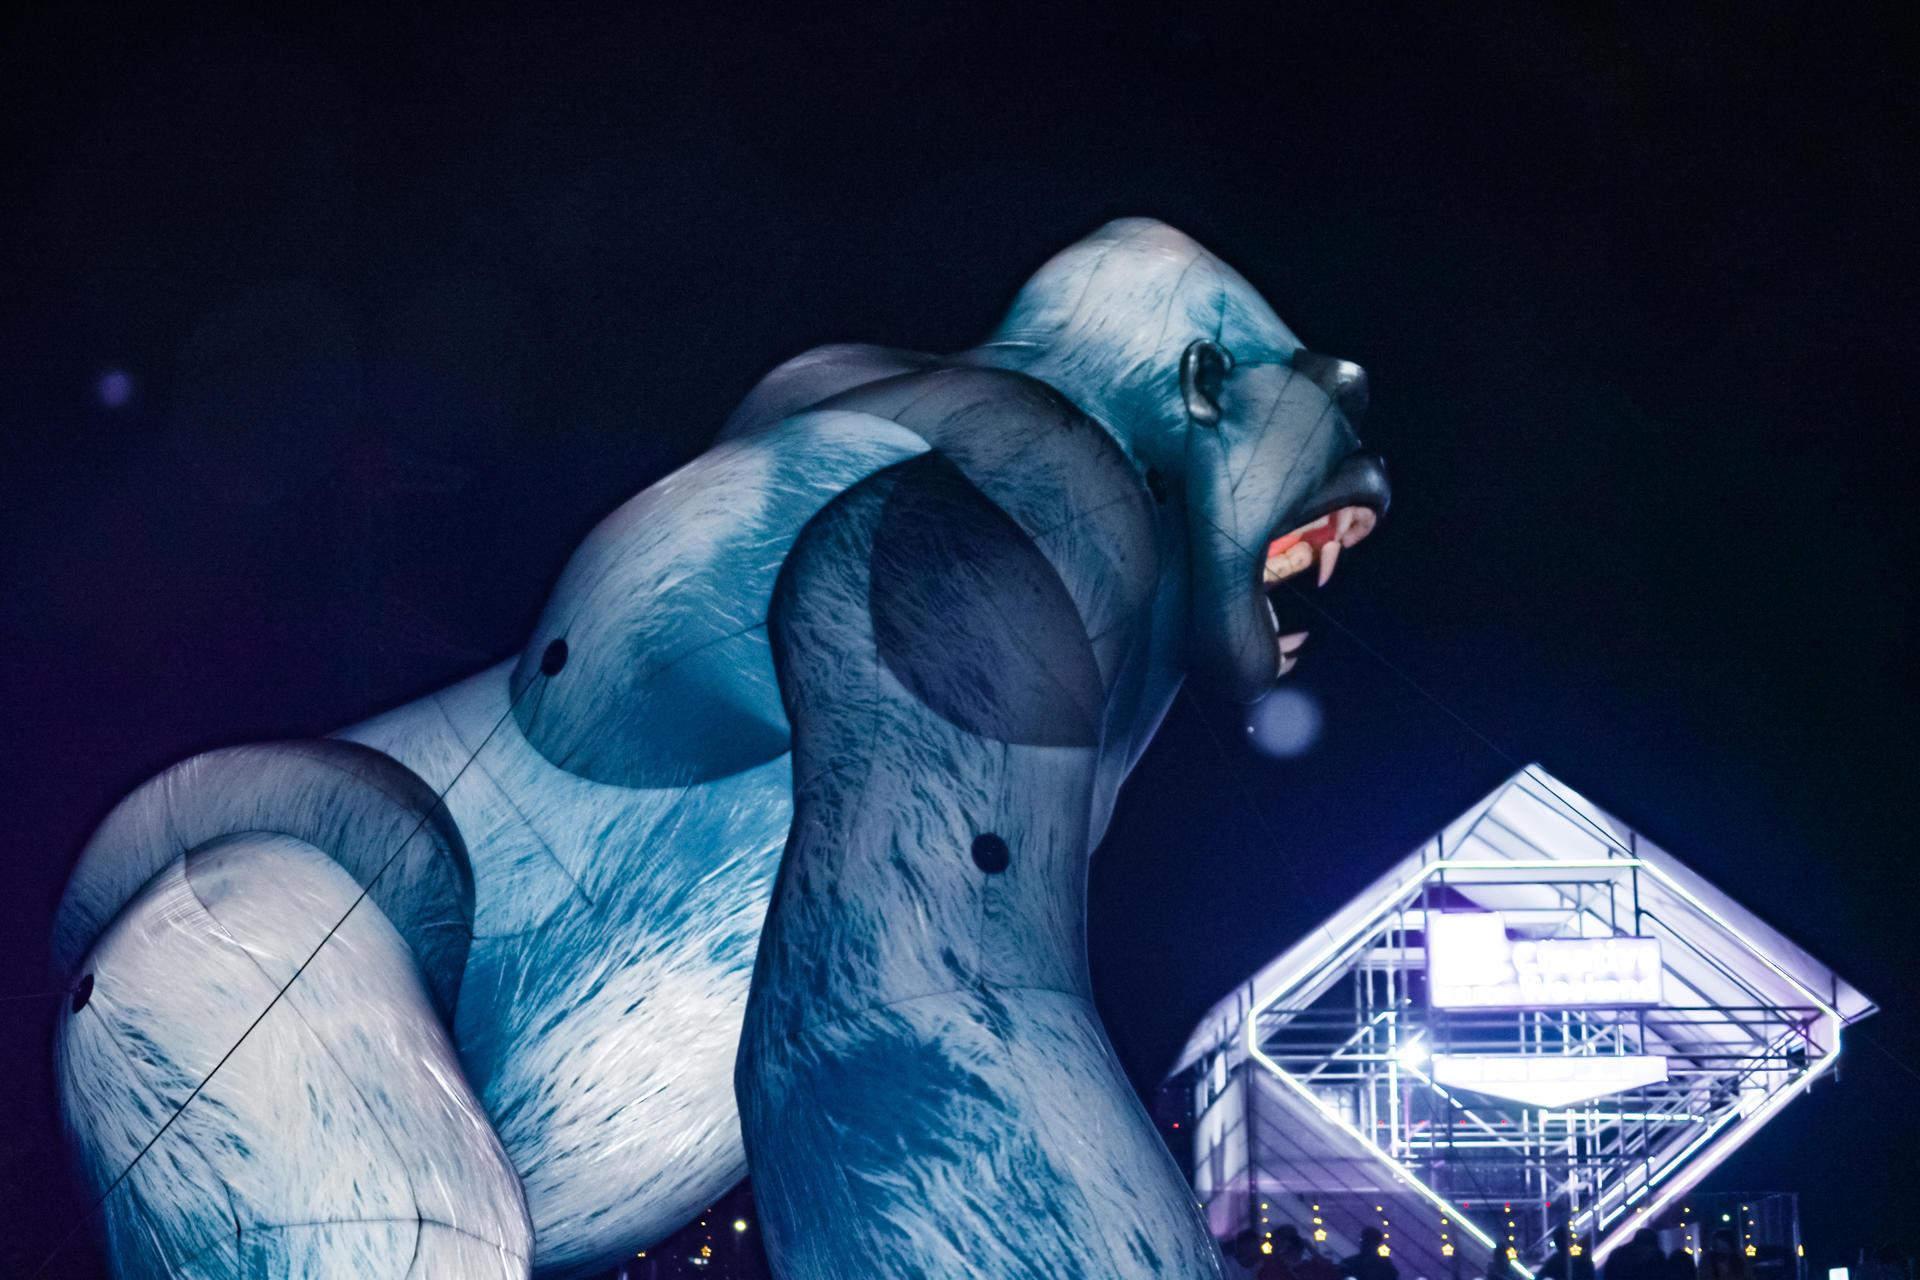 第三届云台山音乐节活动策划的100米超大舞台带来了顶级舞美,酷